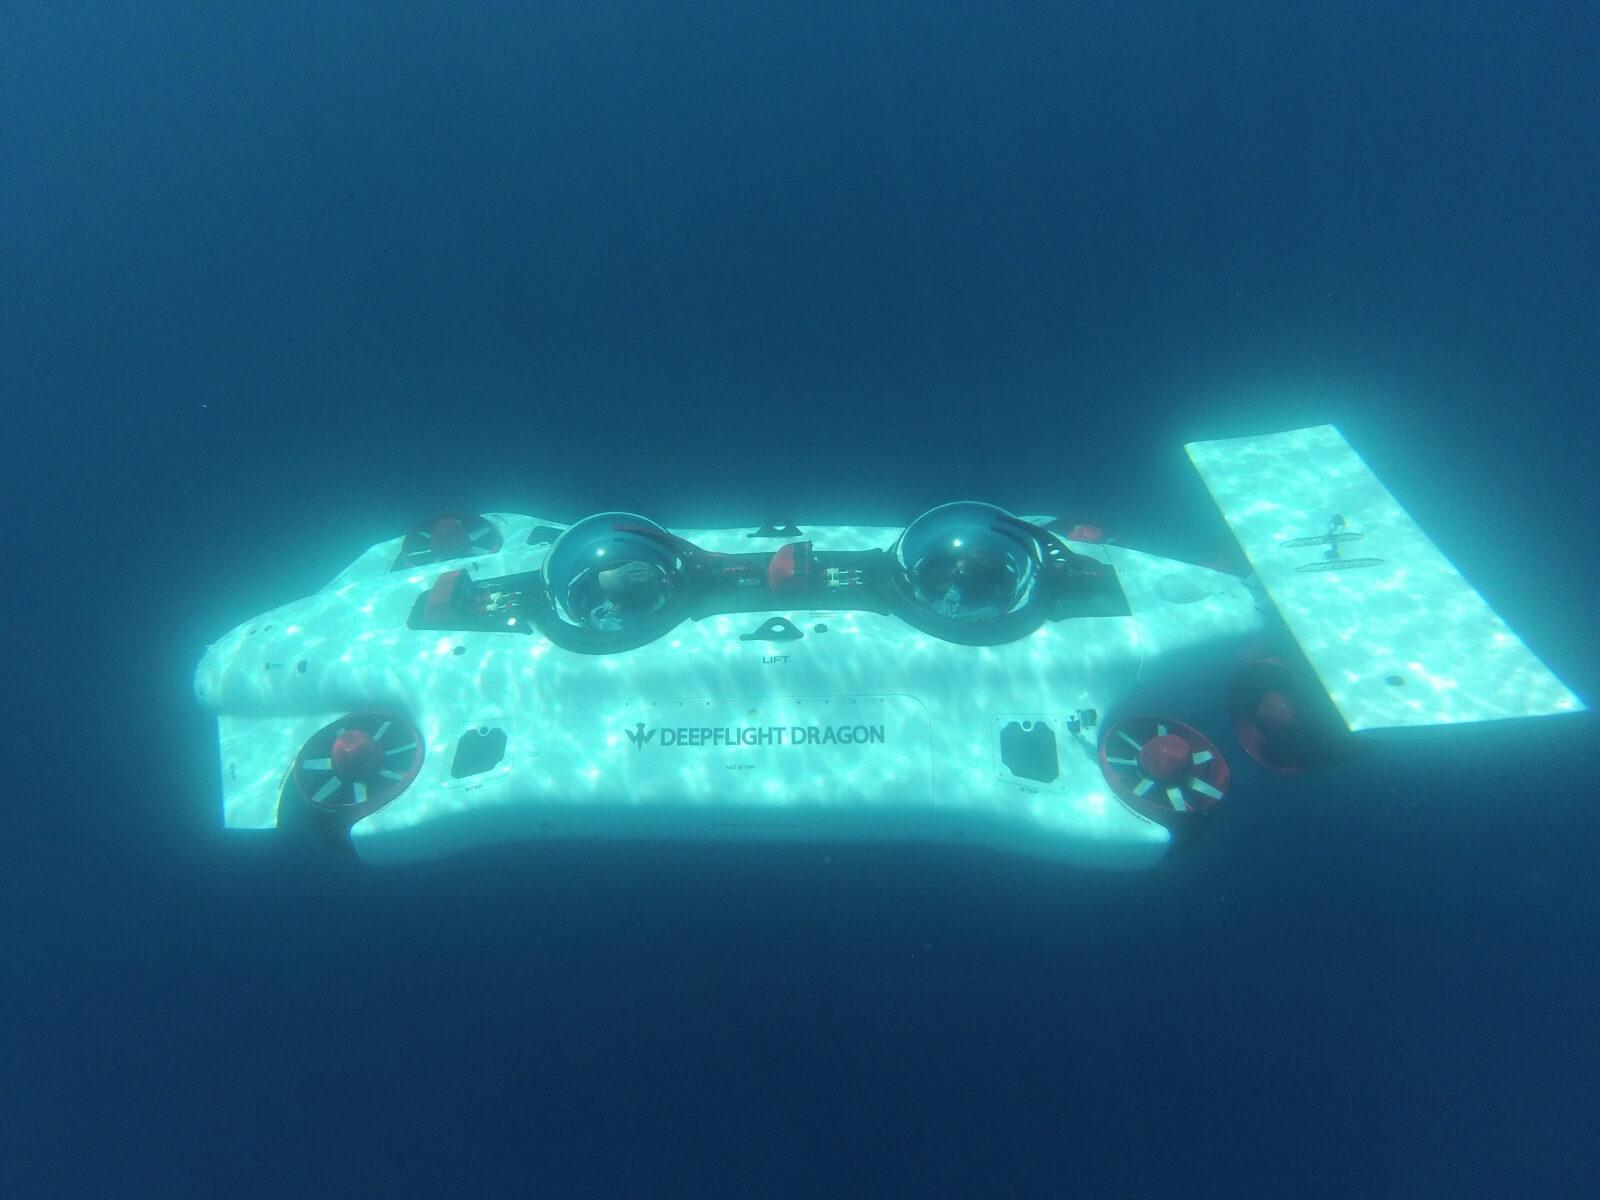 Электрическая субмарина DeepFlightDragon - фото 2